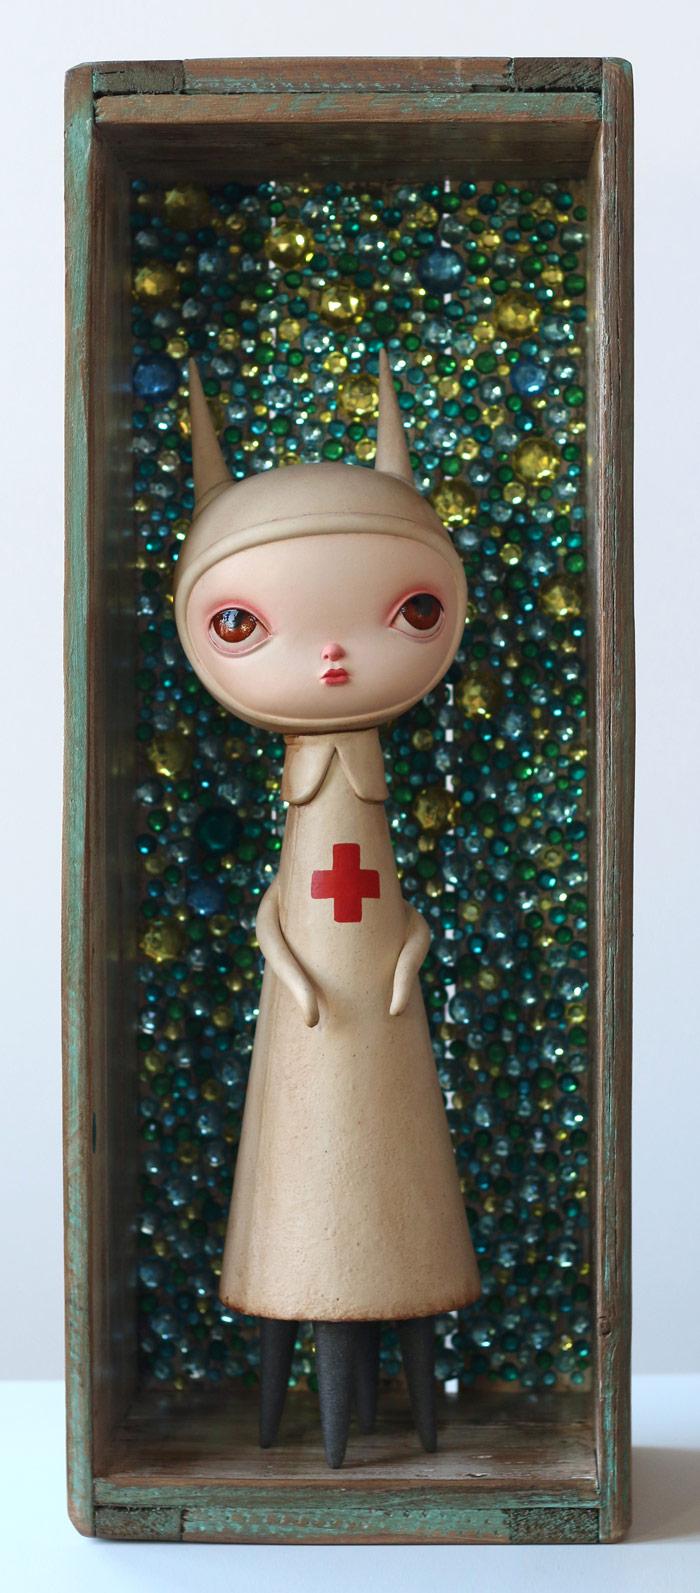 Healer-kathie-olivas-afa-gallery-nyc-soho-new-york.jpg